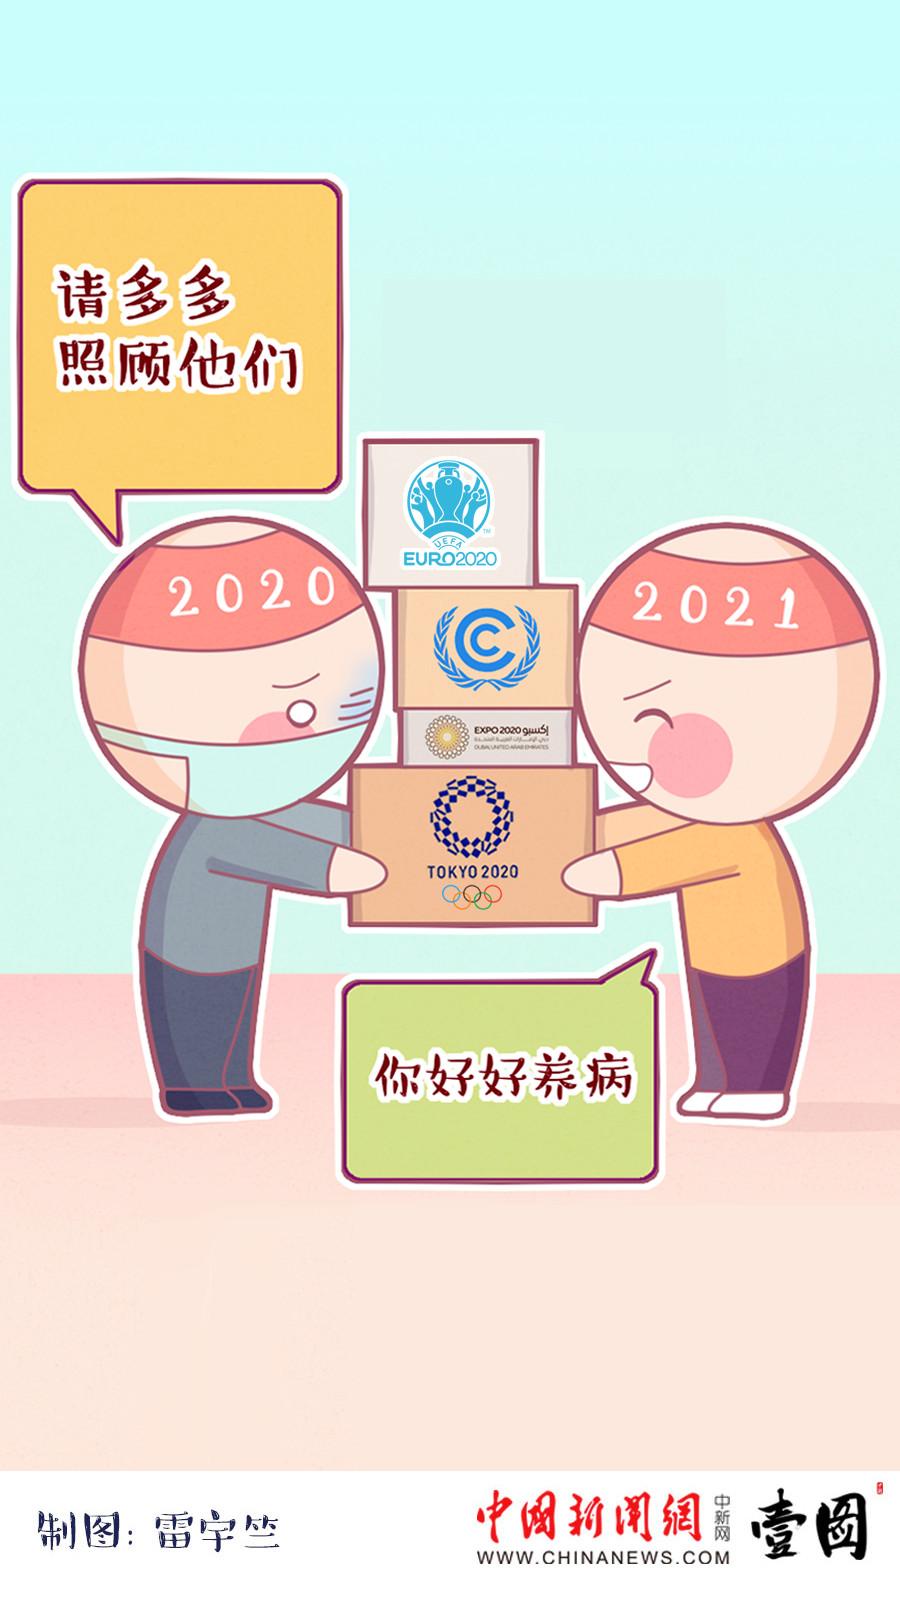 中国新闻网客户端▲2020喊话2021:老弟,请照顾好它们……